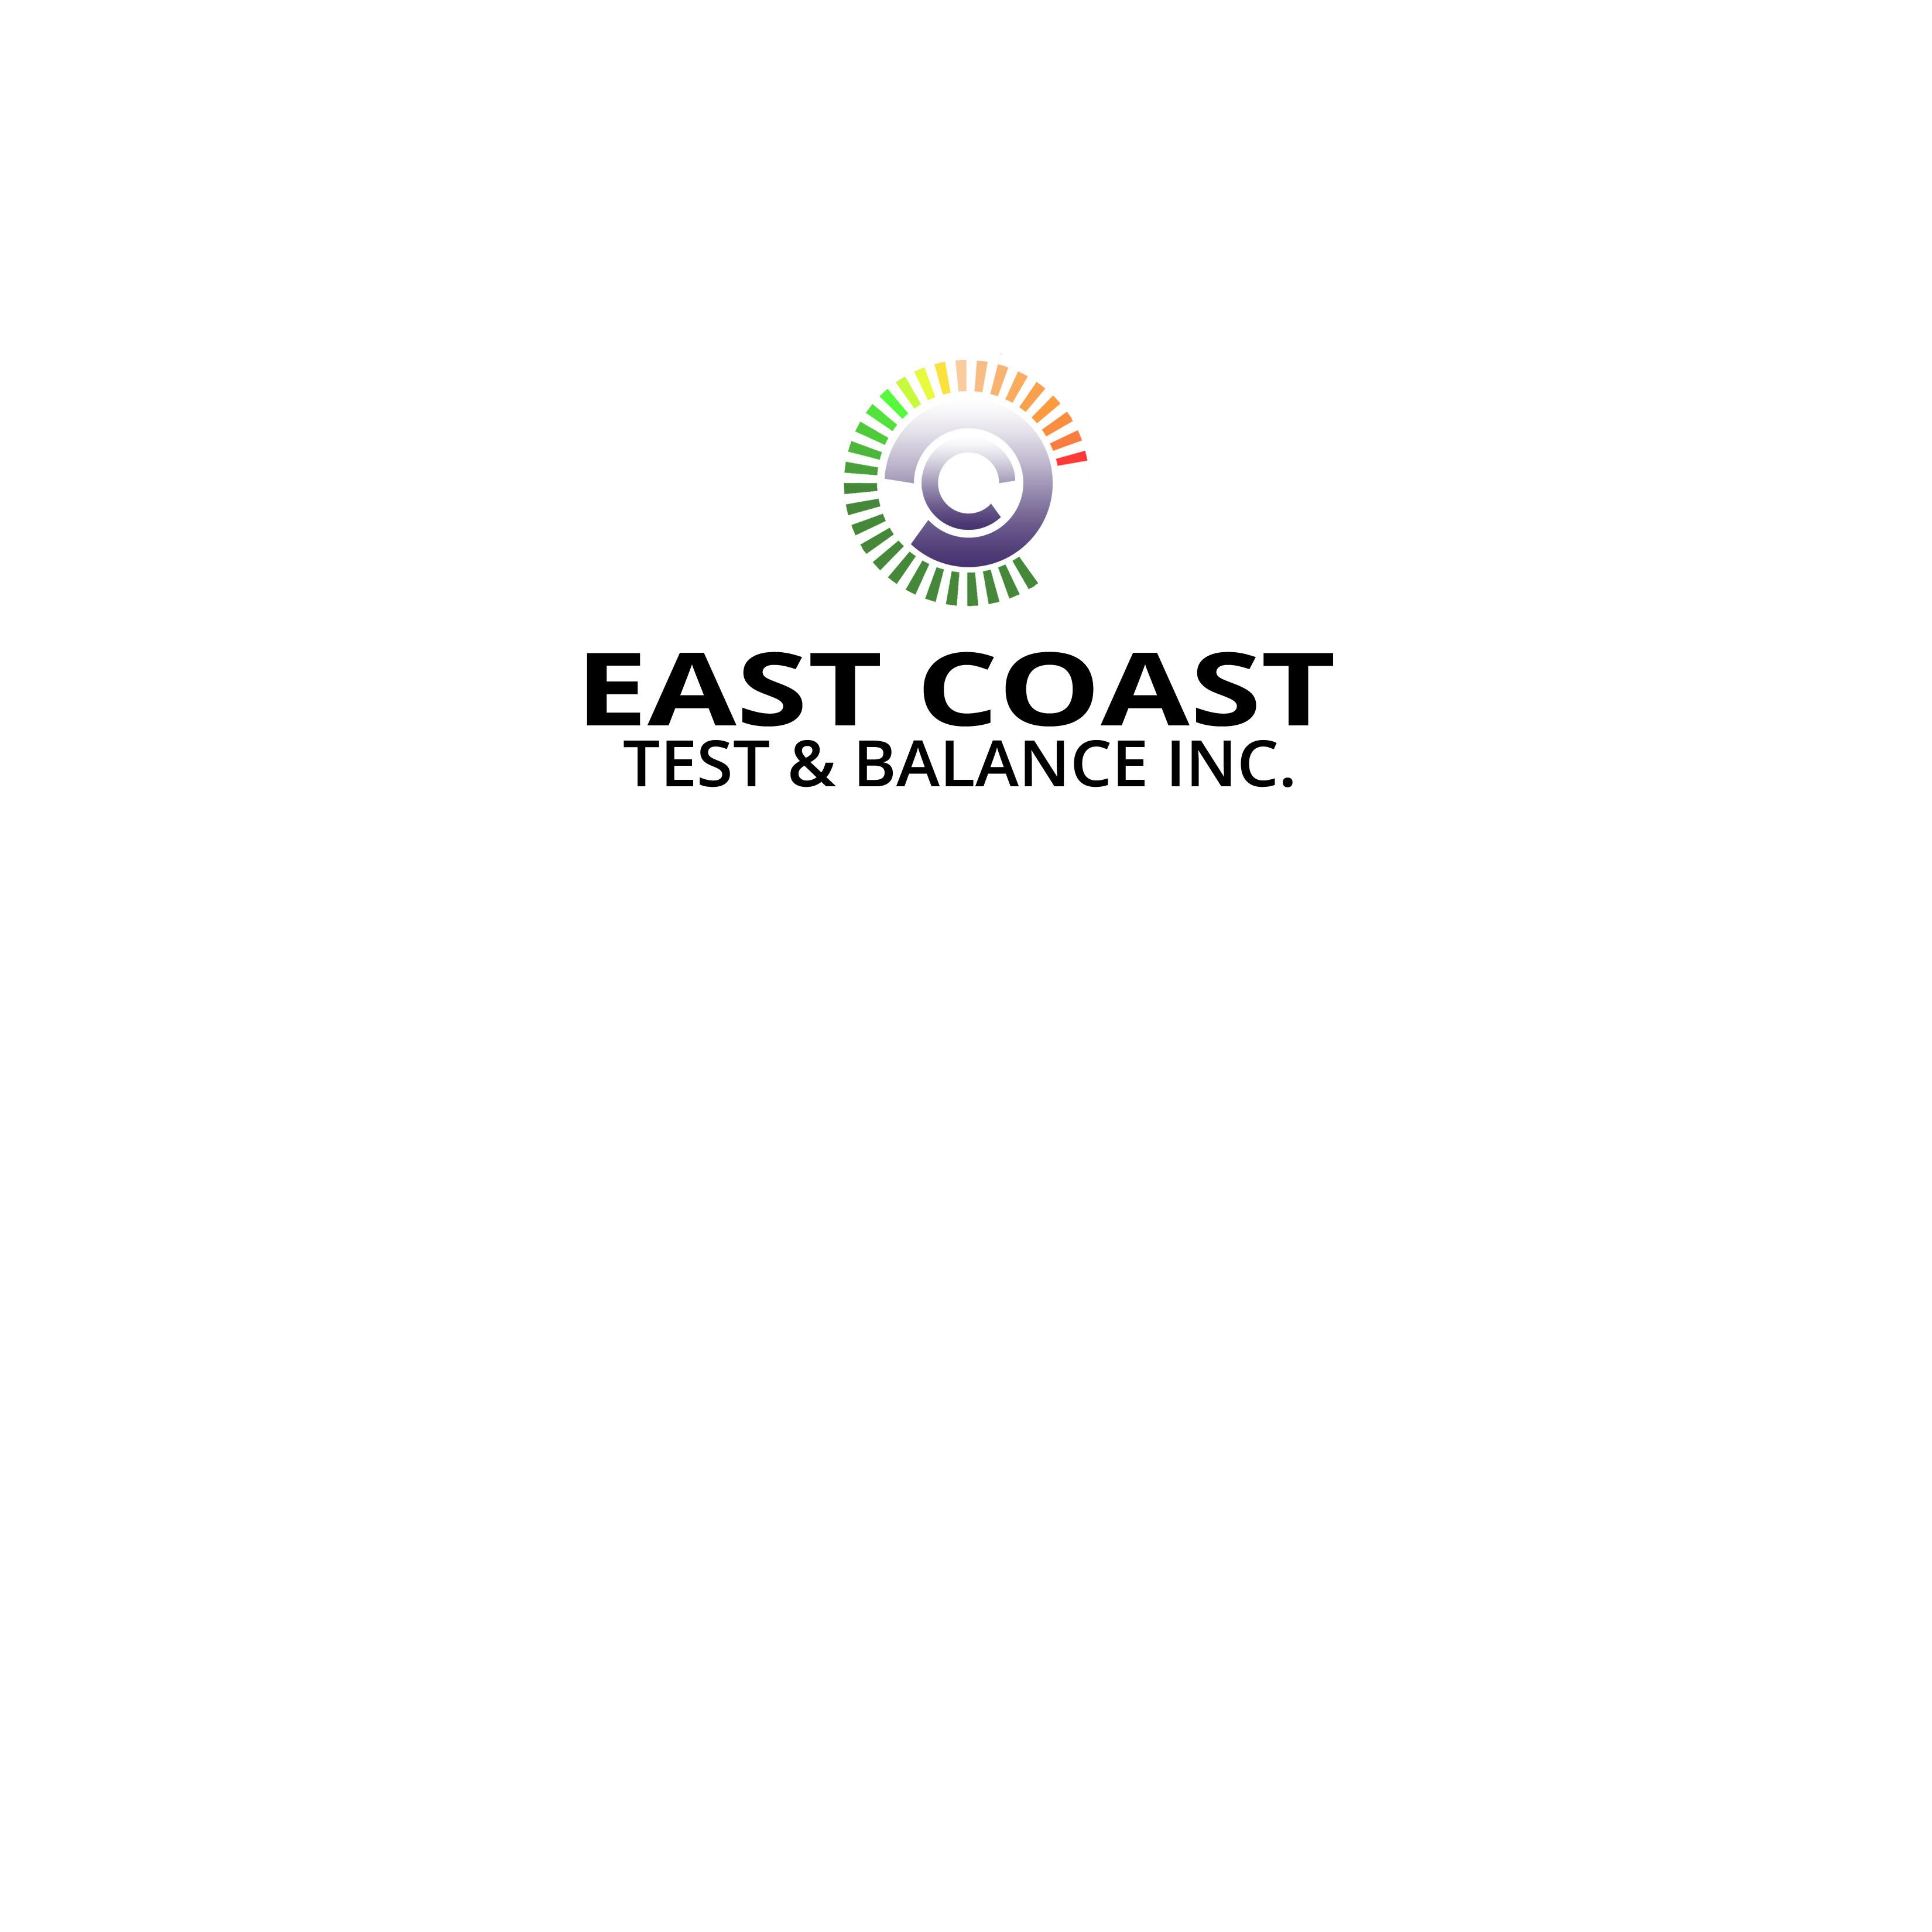 Logo Design by Allan Esclamado - Entry No. 8 in the Logo Design Contest Logo Design for East Coast Test & Balance, Inc. (ECTB).